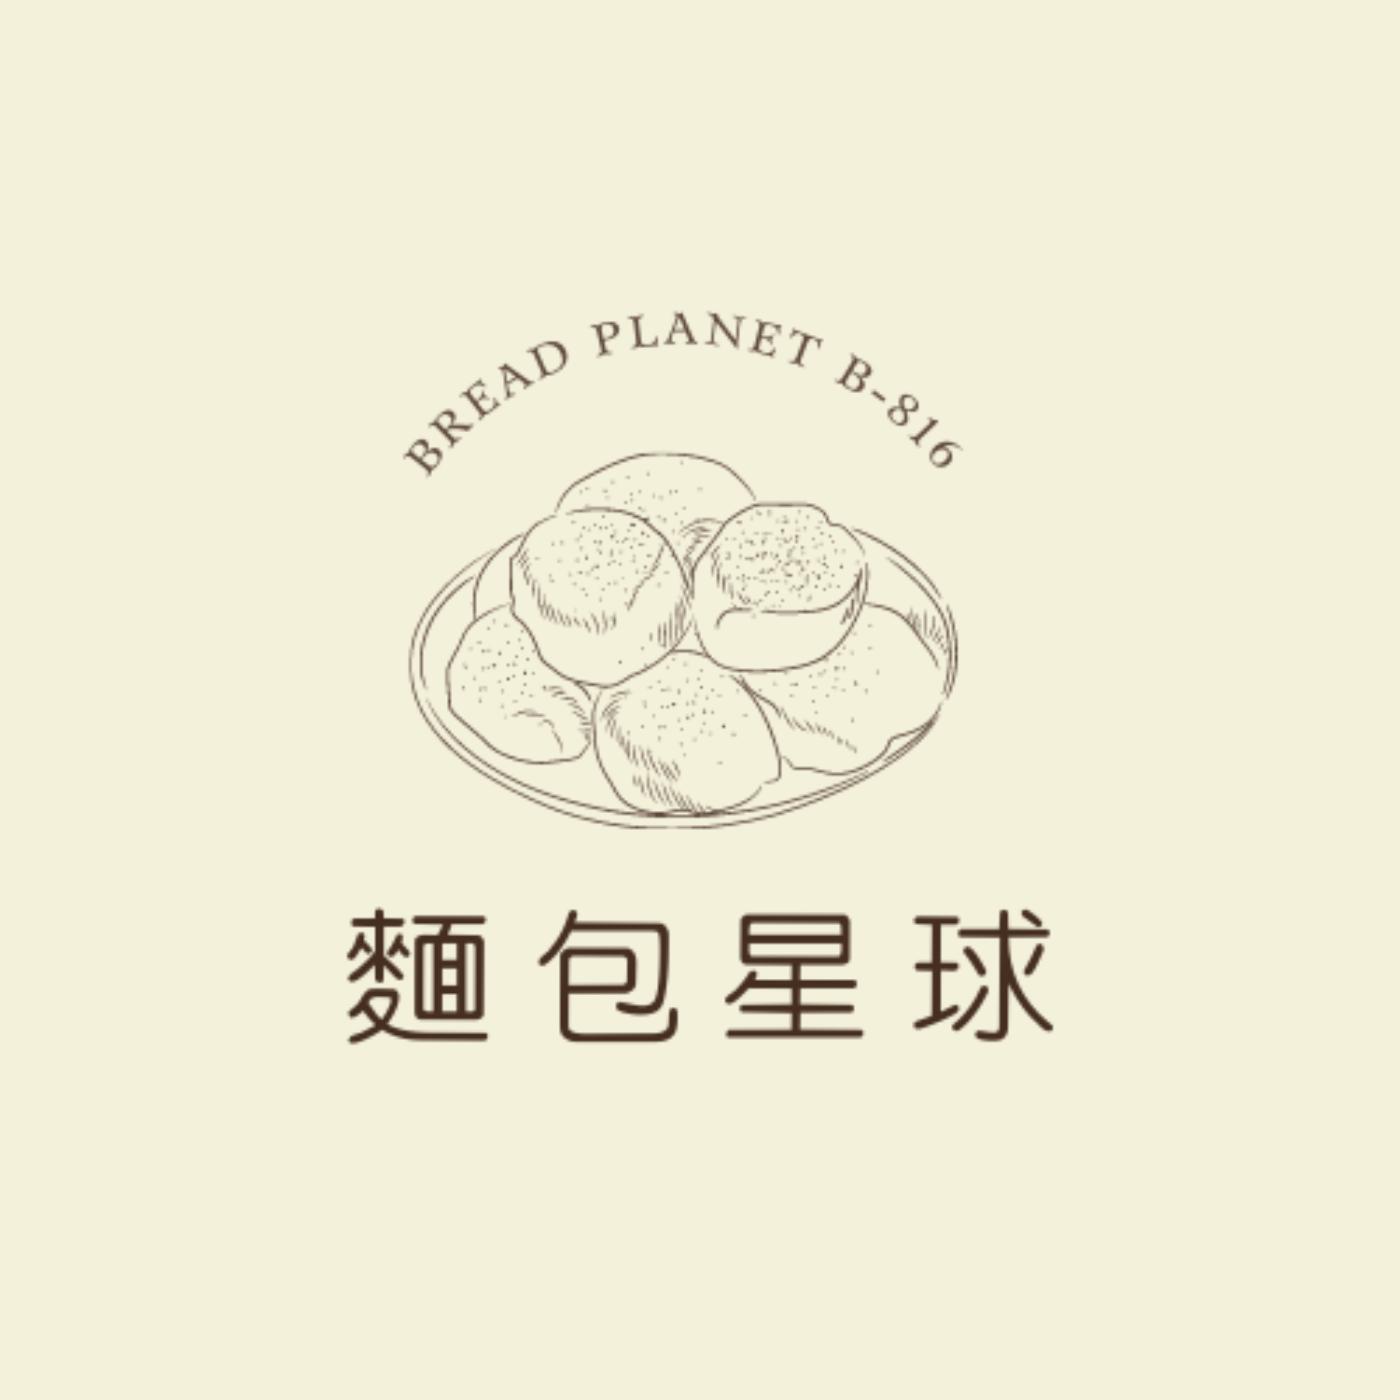 麵包星球說故事